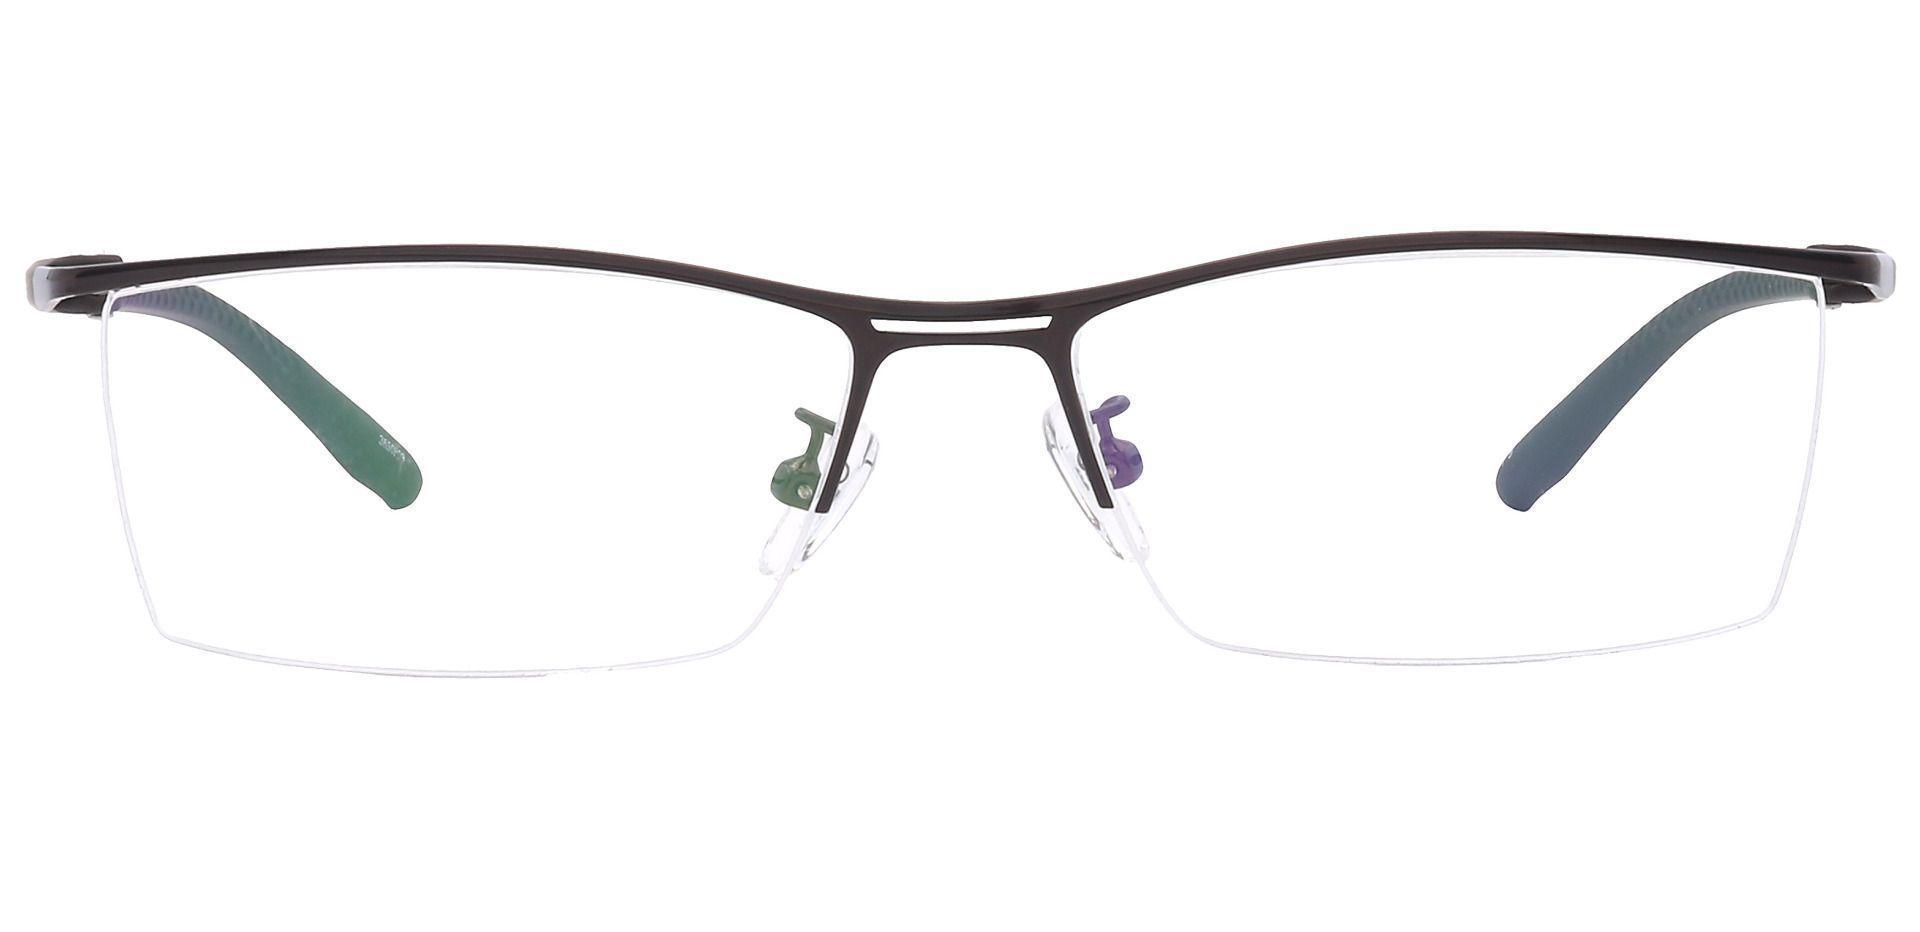 Taylor Rectangle Eyeglasses Frame - Brown